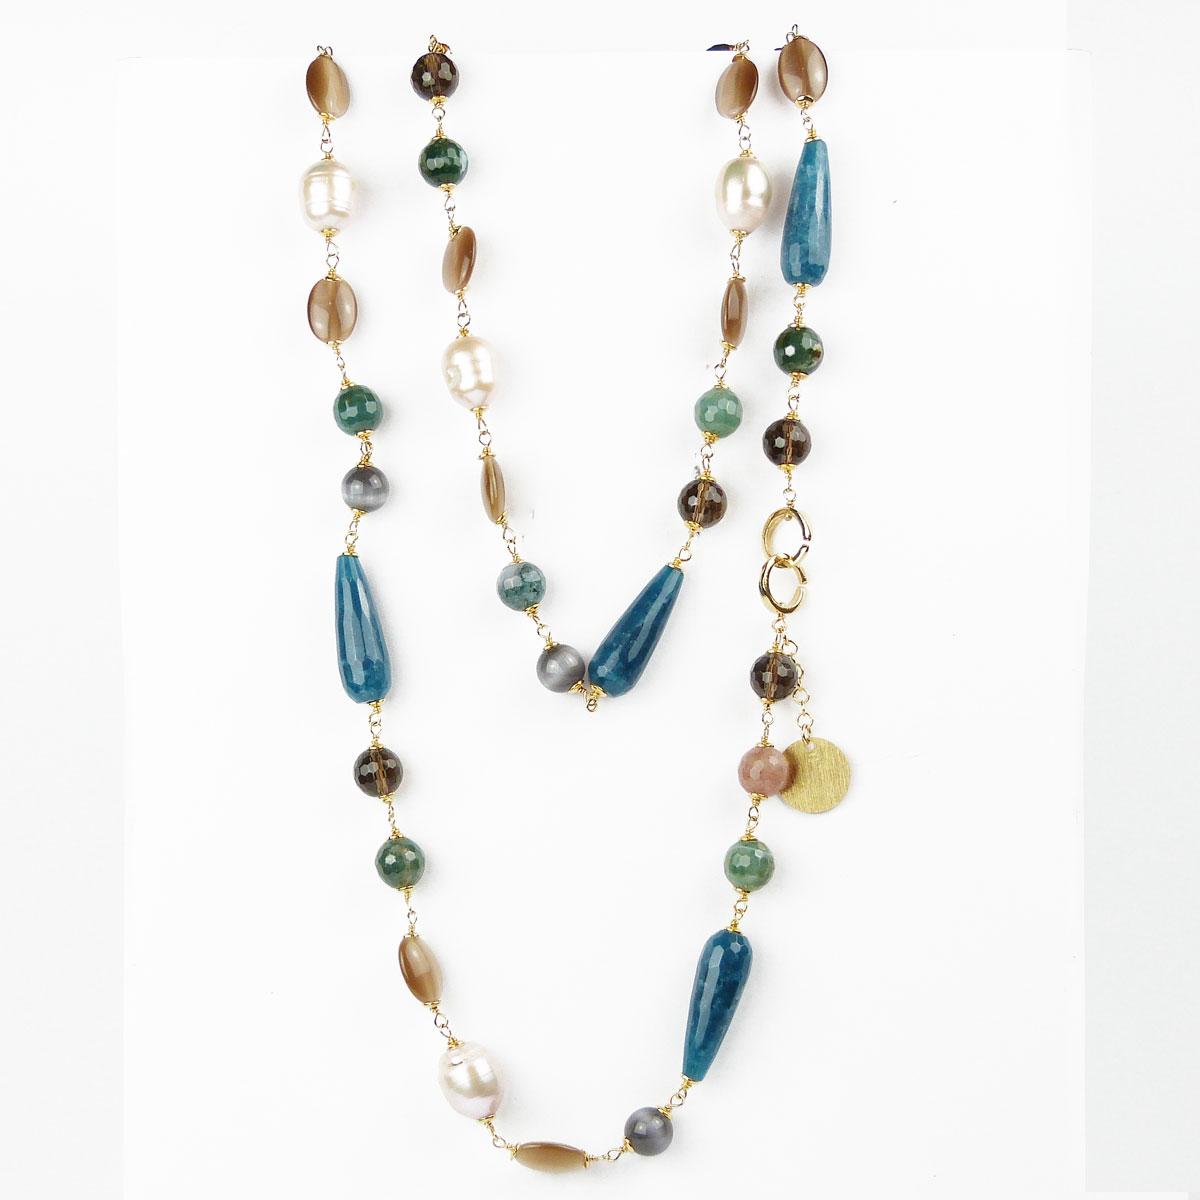 Amato Collana lunga con pietre Naturali e Perle | Gioielleria-Leonardi QS99